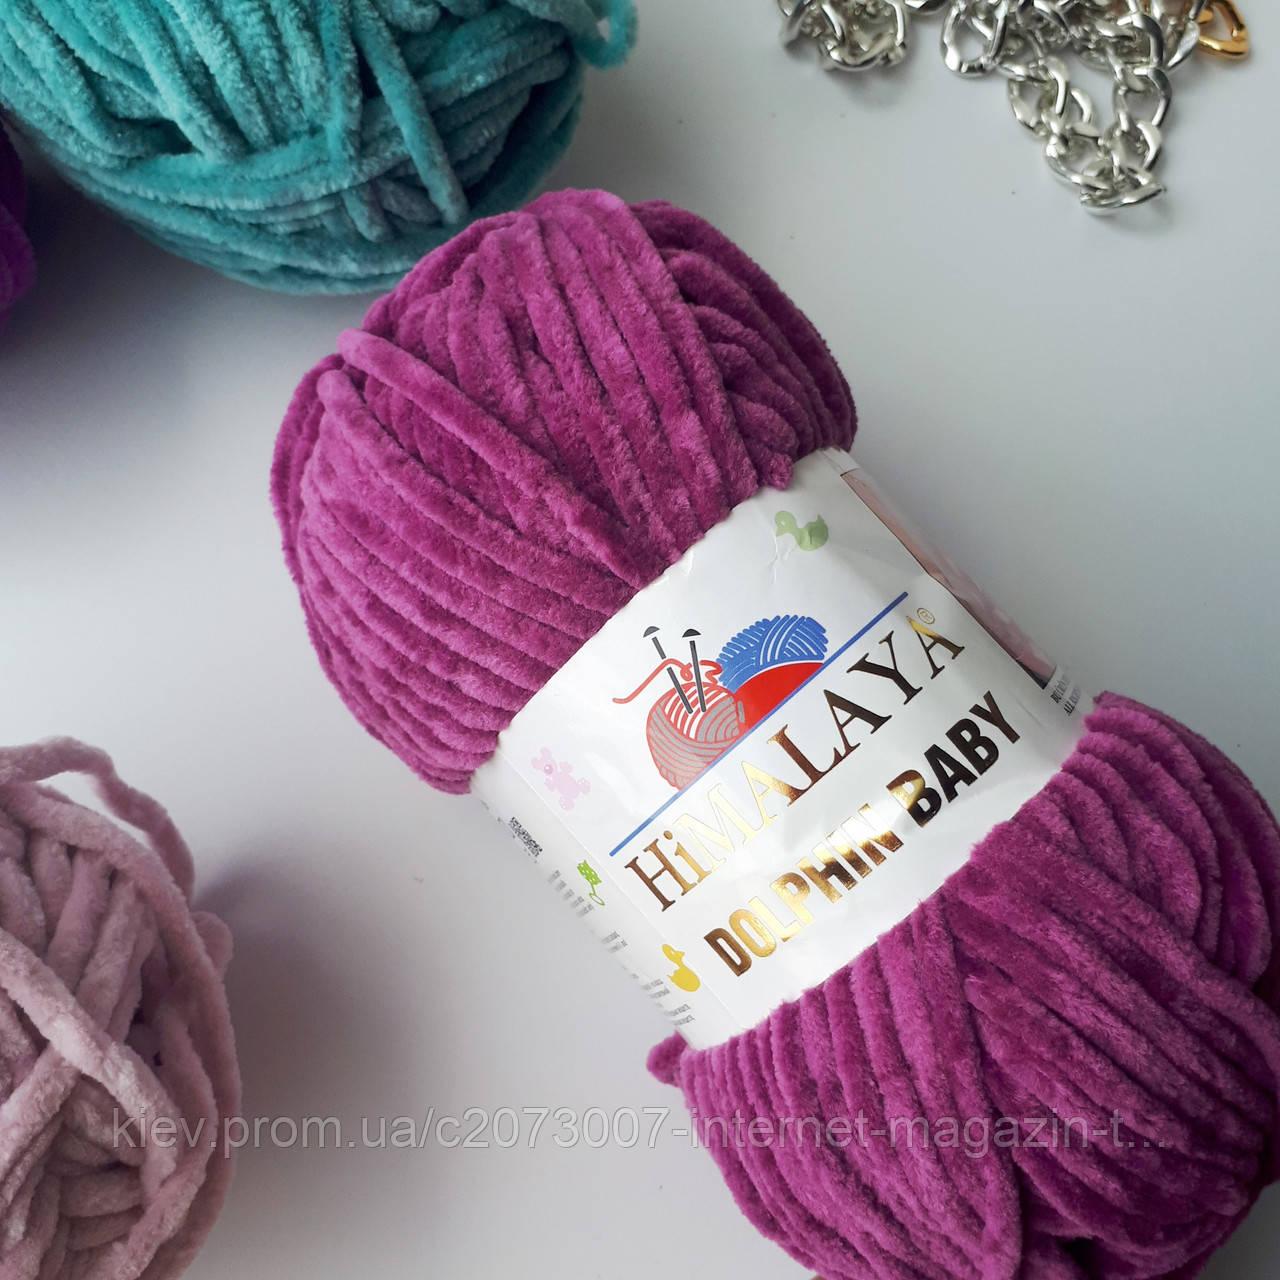 купить нитки для вязания Dolphin Baby Himalaya с доставкой по